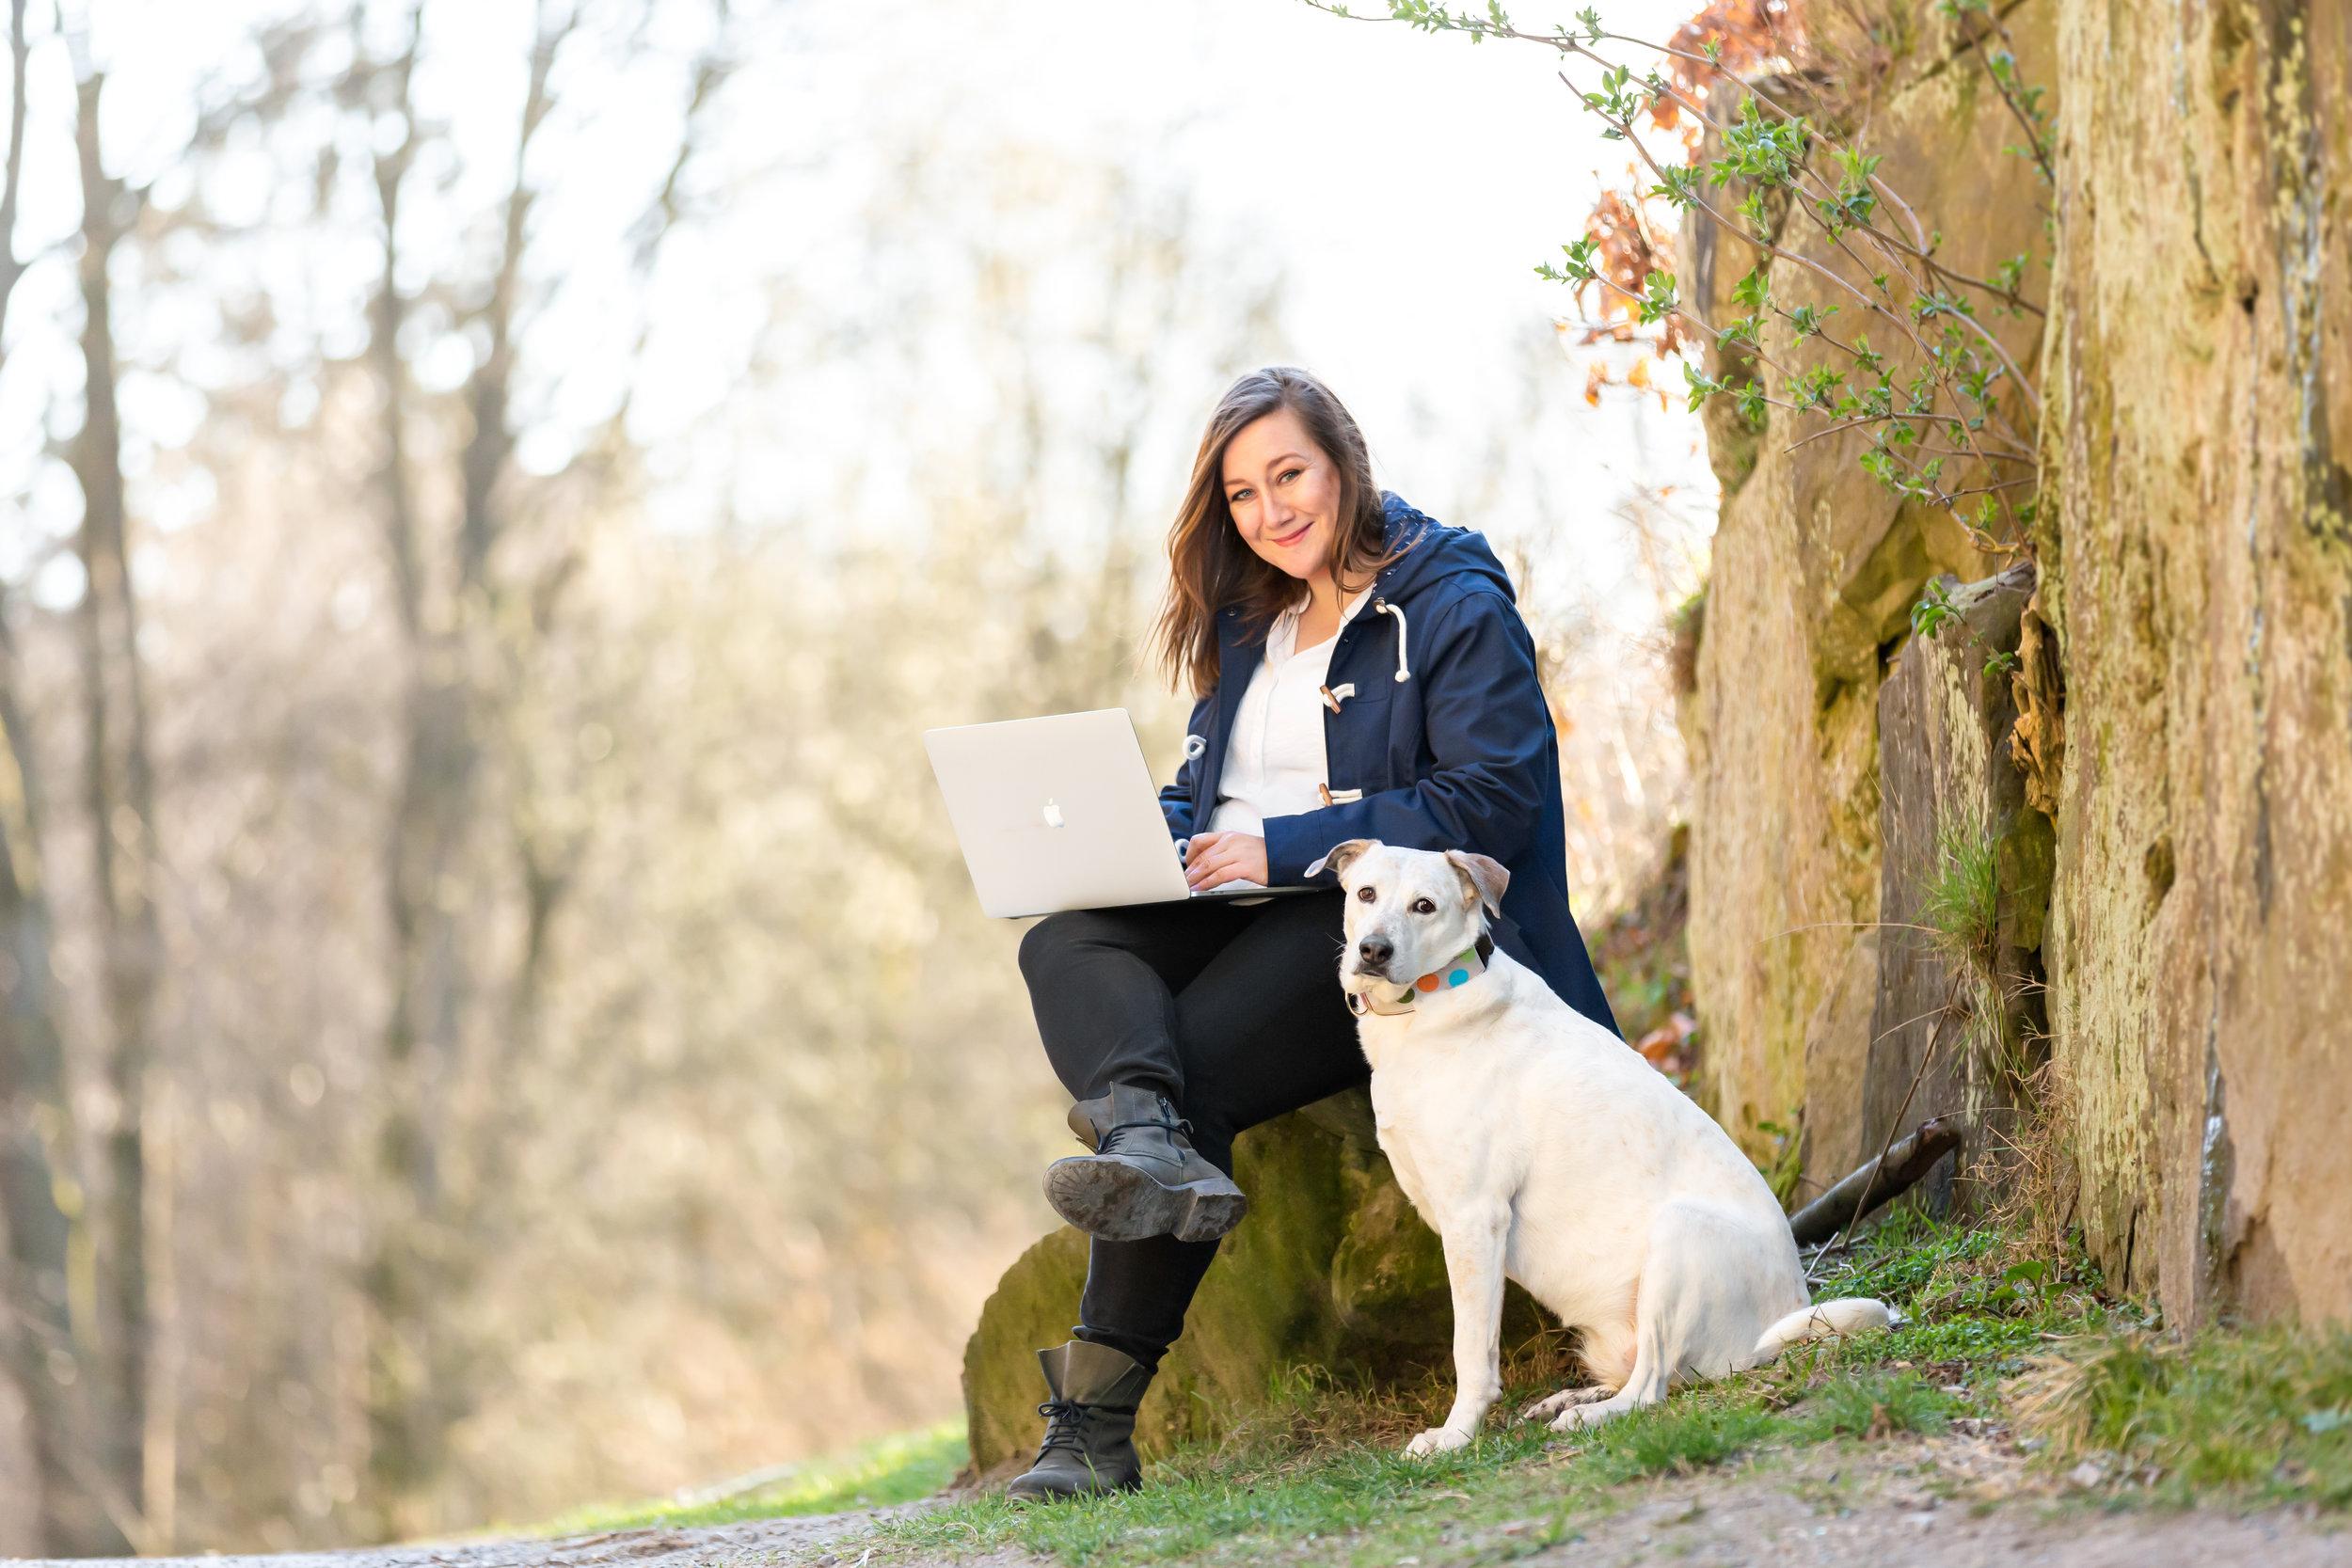 freie-texterin-stephanie-stratton-camping-outdoor-hund-wordabout Kopie.jpg